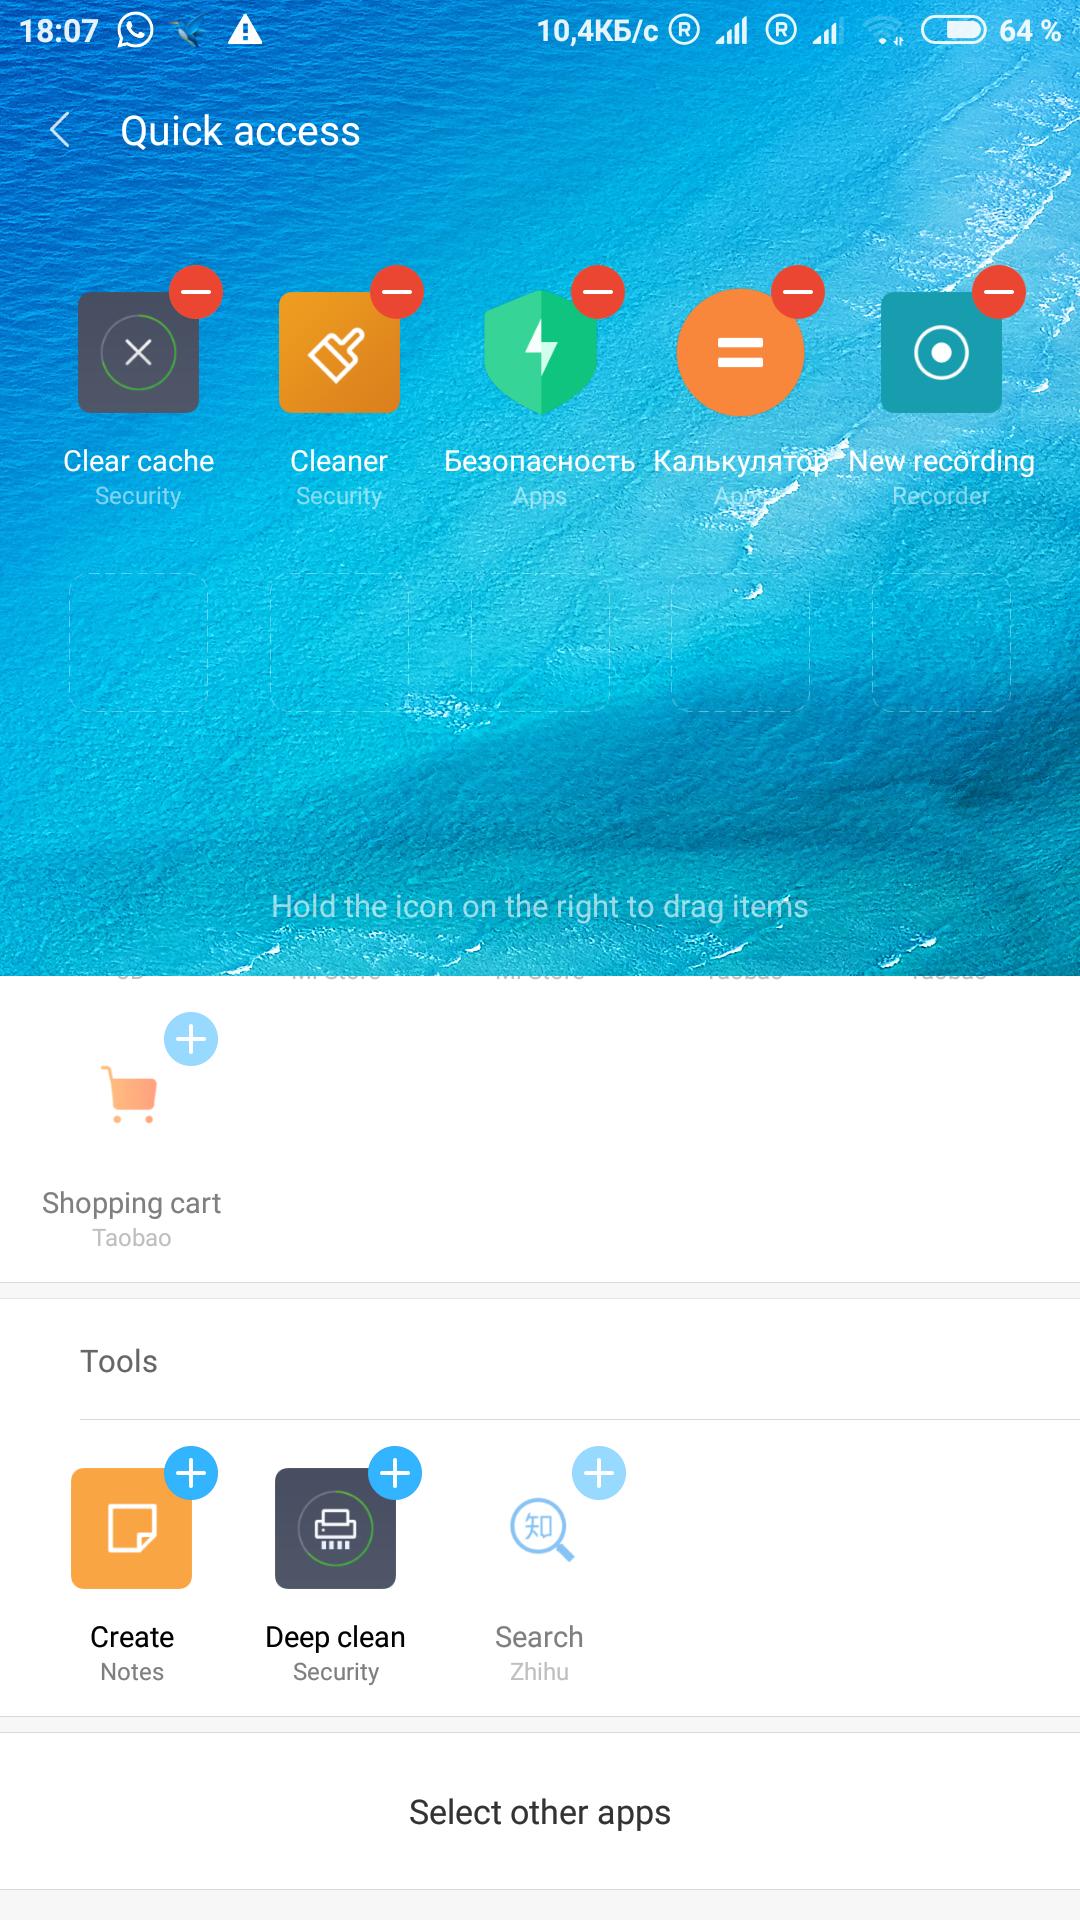 Screenshot_2018-07-21-18-07-41-325_com.miui.personalassistant.png